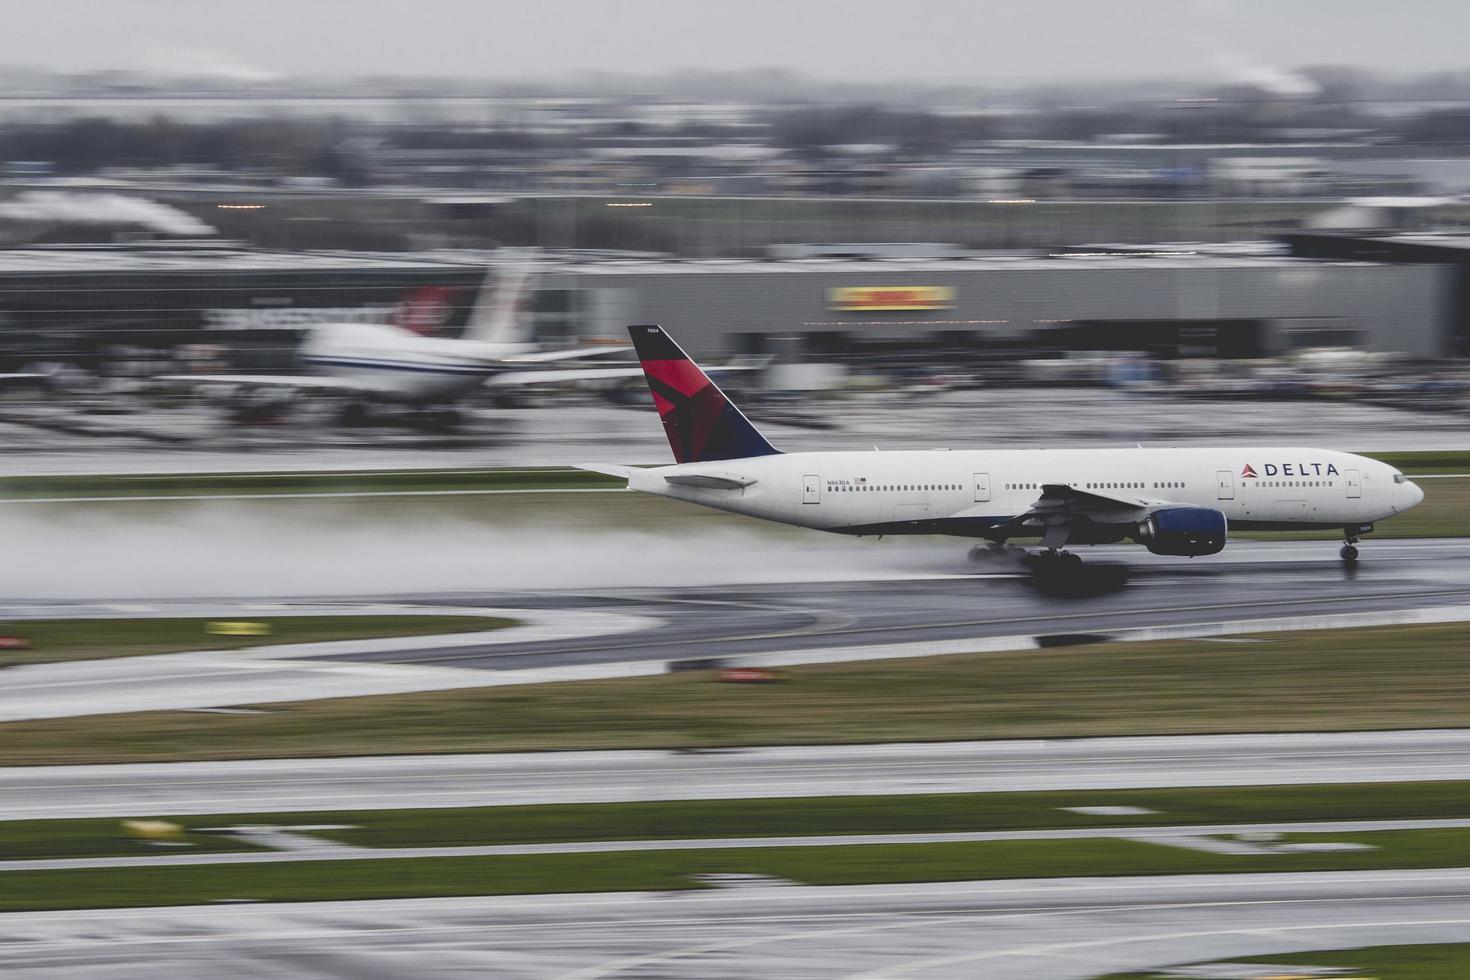 Niederlande, 2013-Delta-Flugzeug landet am Flughafen Amsterdam Schiphol foto